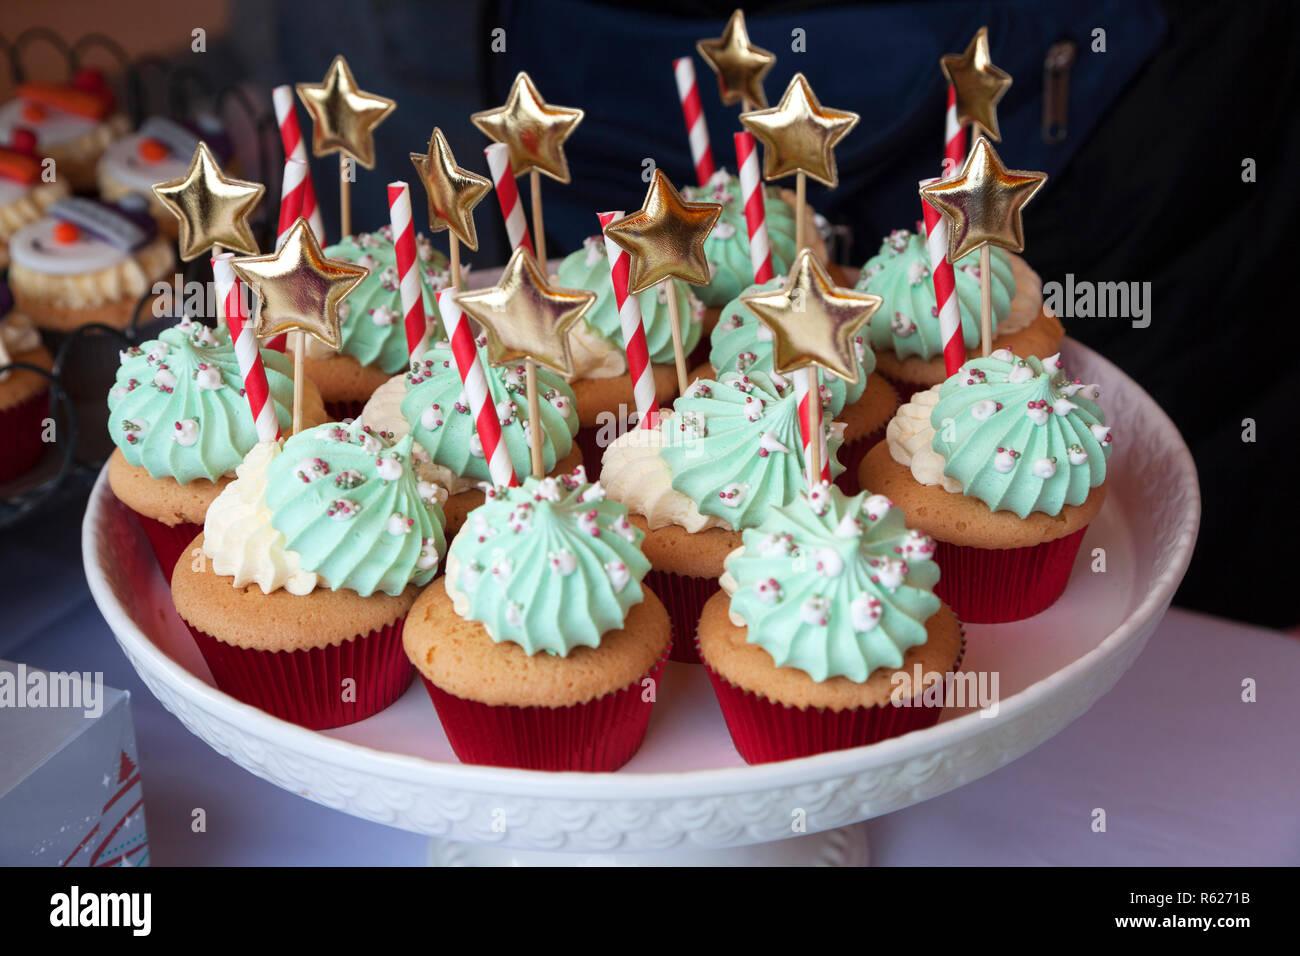 Cup Cakes Decorados Con Crema Bastones De Caramelo Y